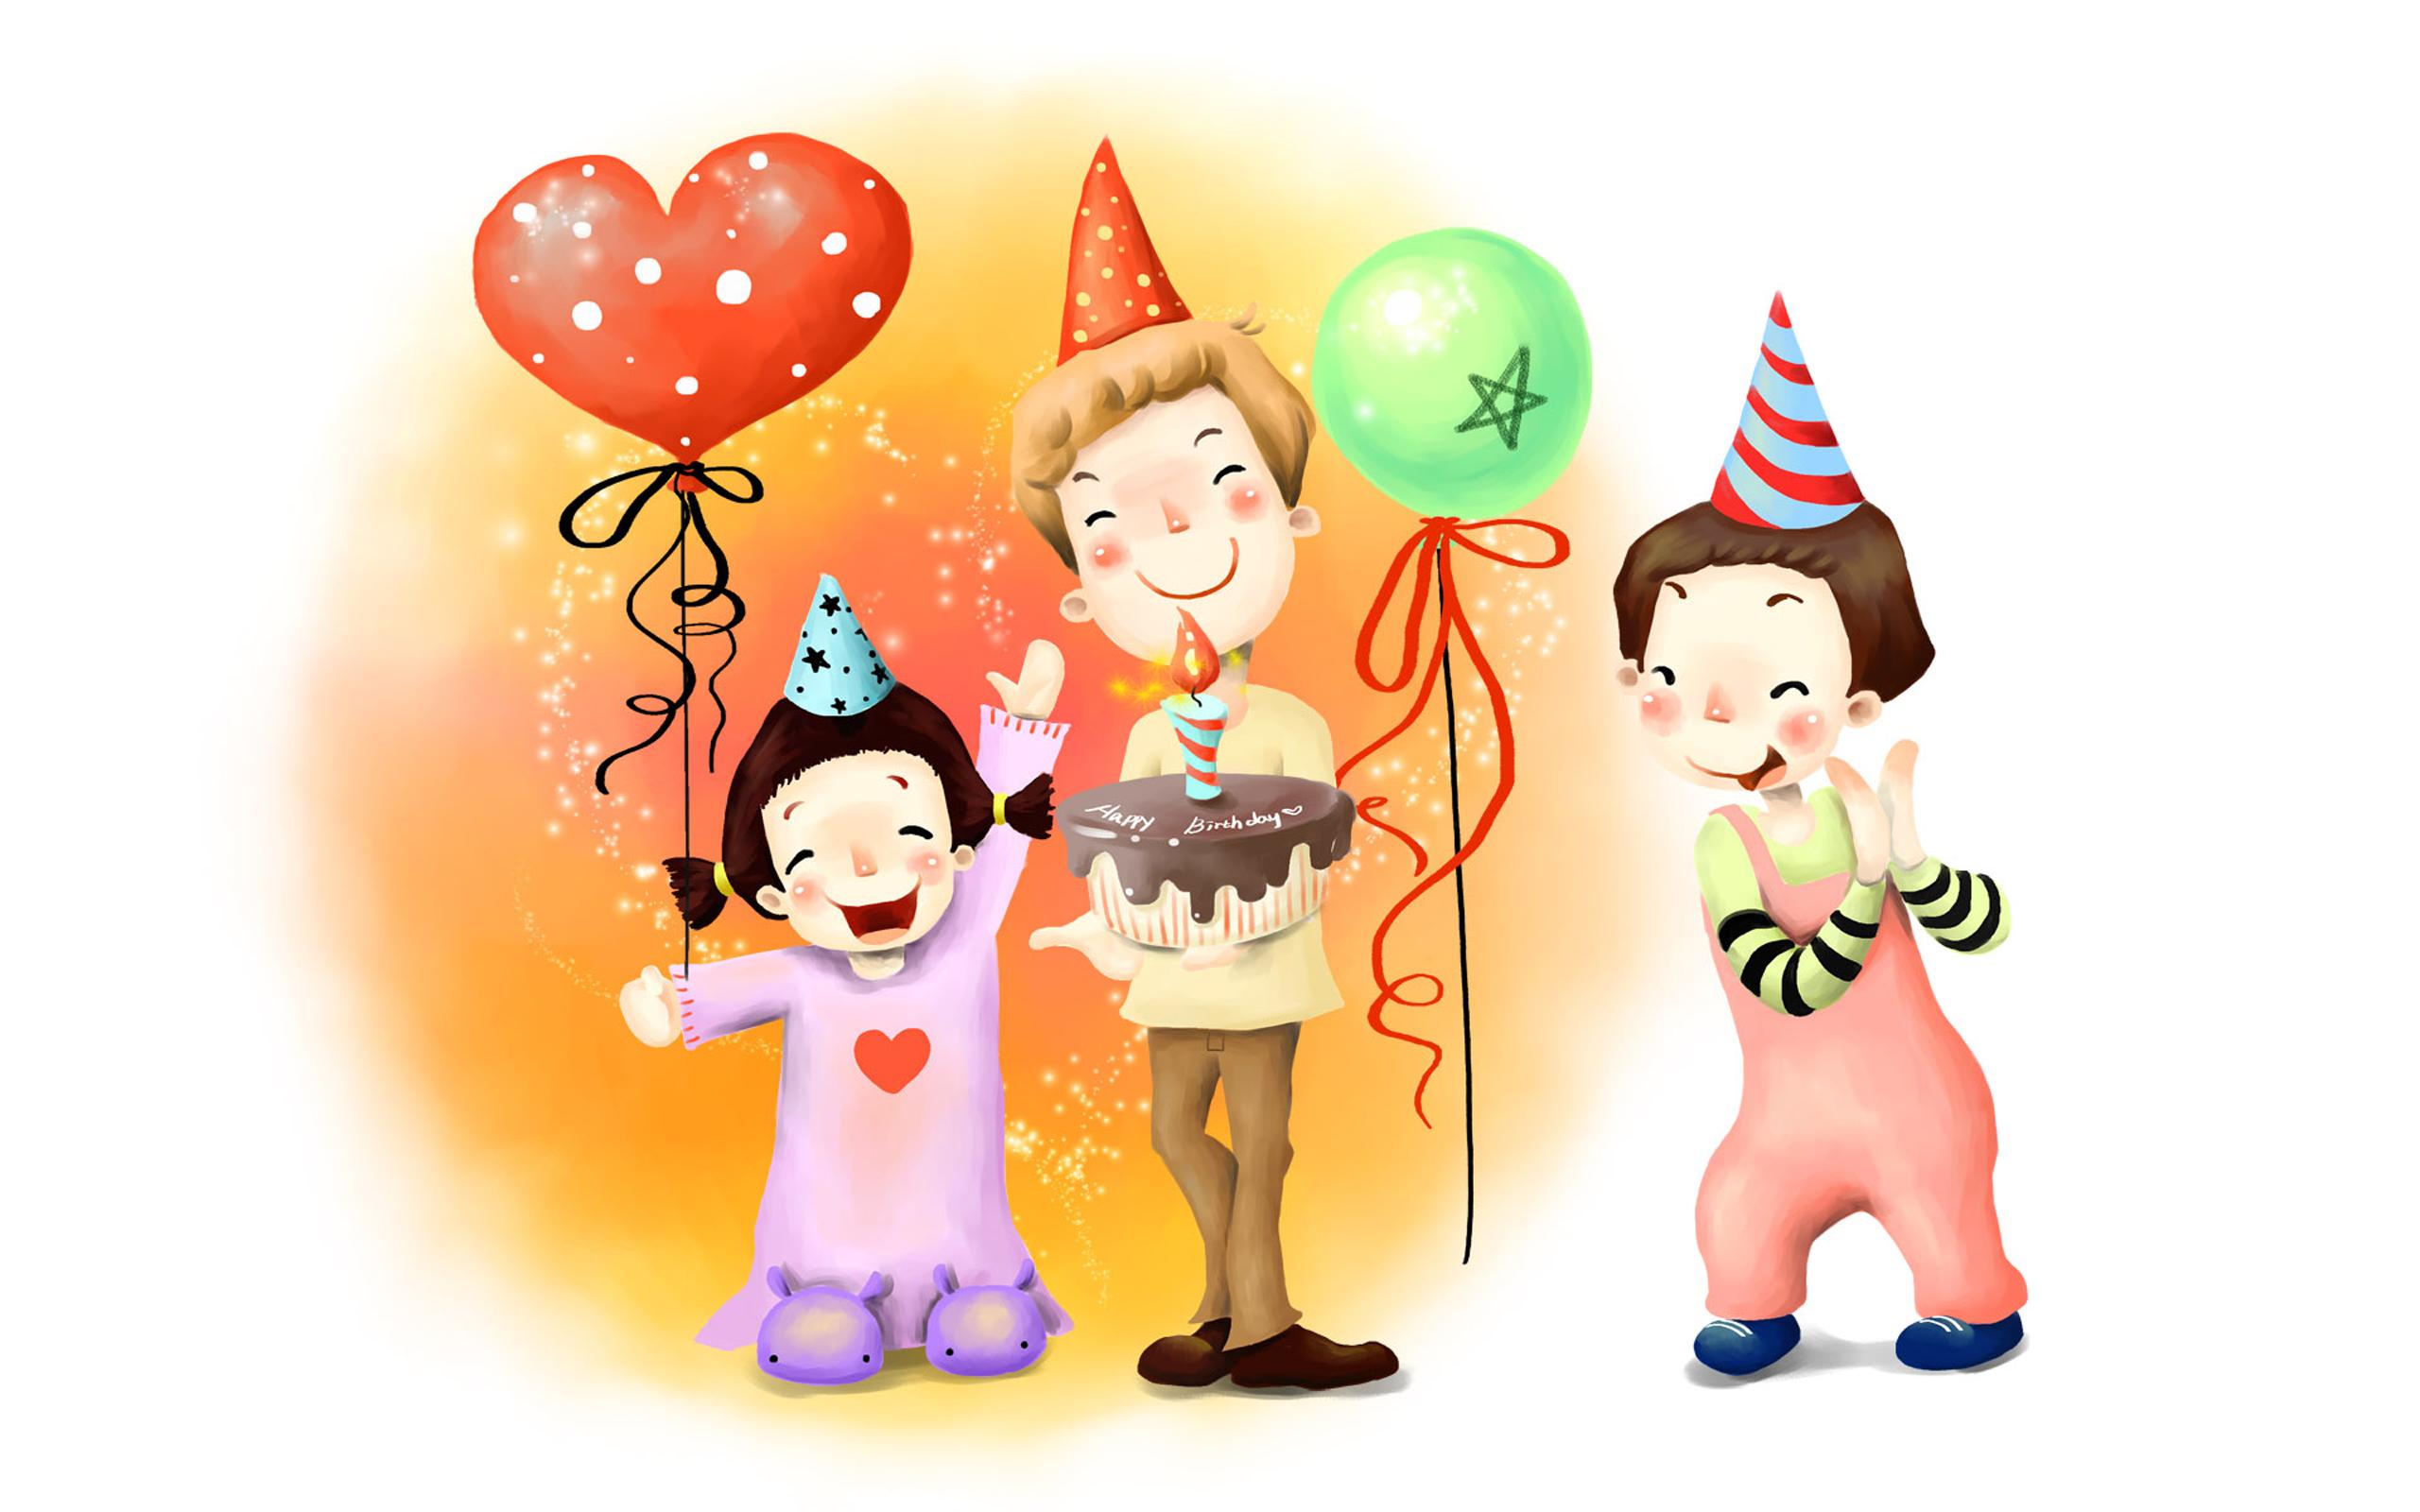 Funny Cartoons Birthday 21 Desktop Wallpaper Wallpaper 2560x1600